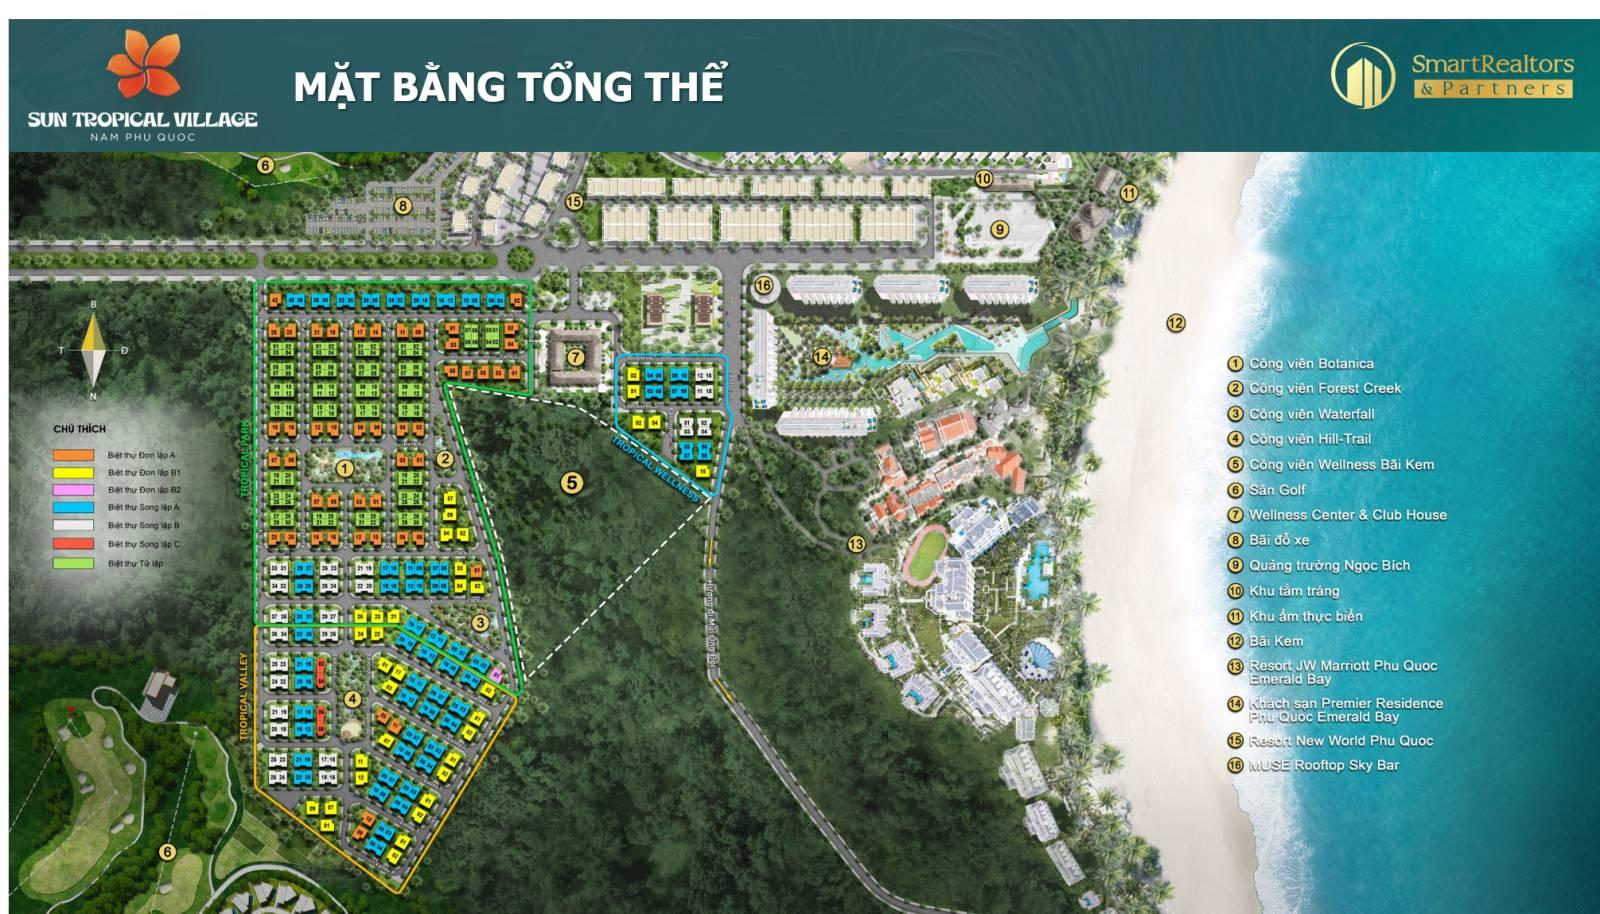 Vị trí 5 công viên chủ đề tại dự án biệt thự làng nhiệt đới